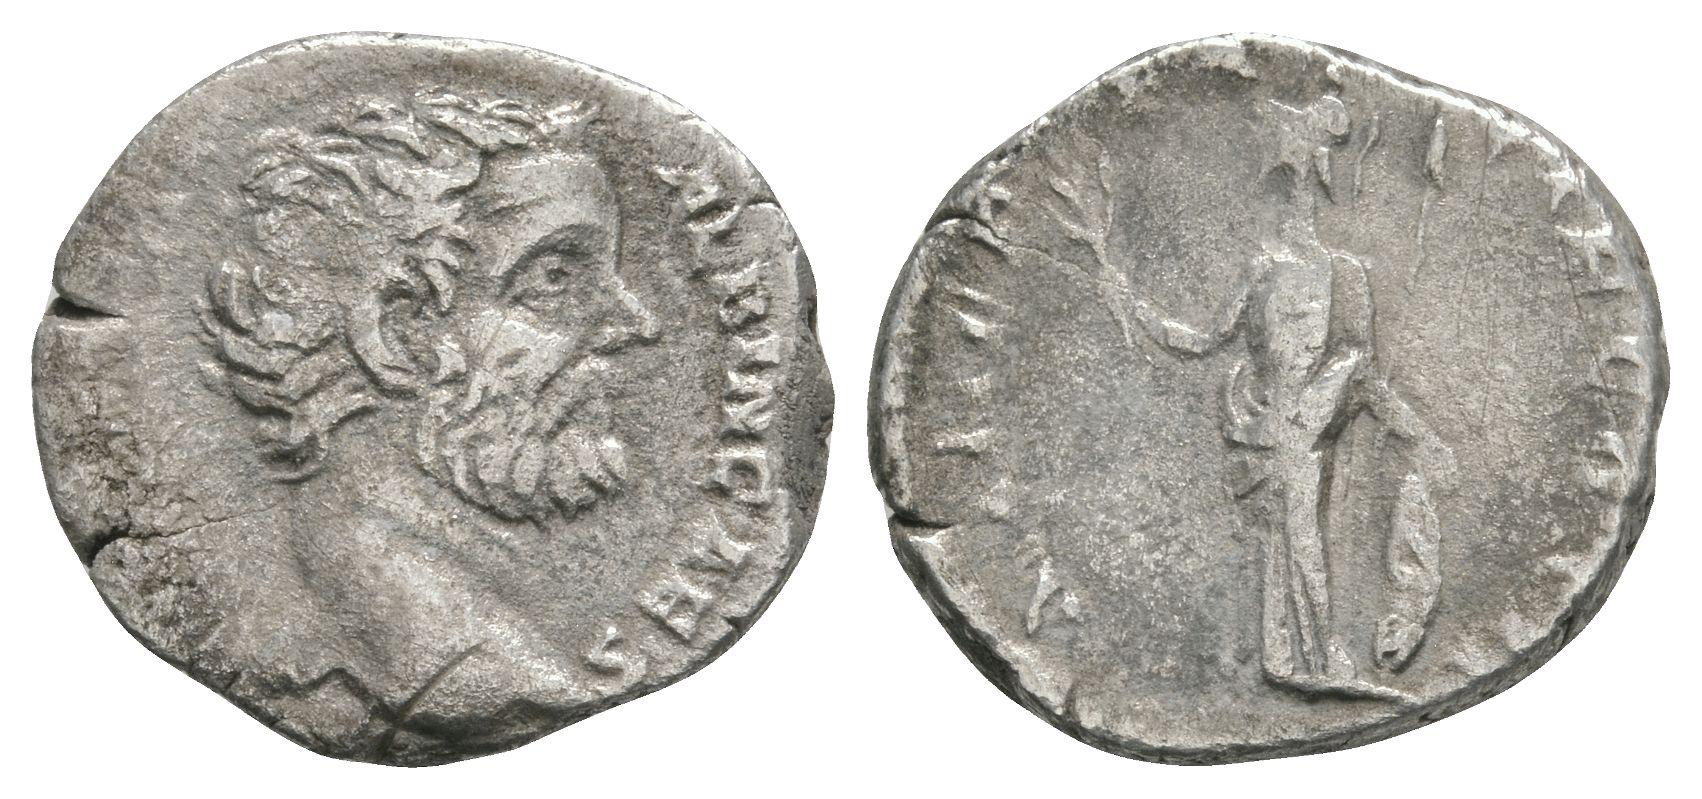 Ancient Roman Imperial Coins - Clodius Albinus (under Septimius Severus) - Minerva Denarius